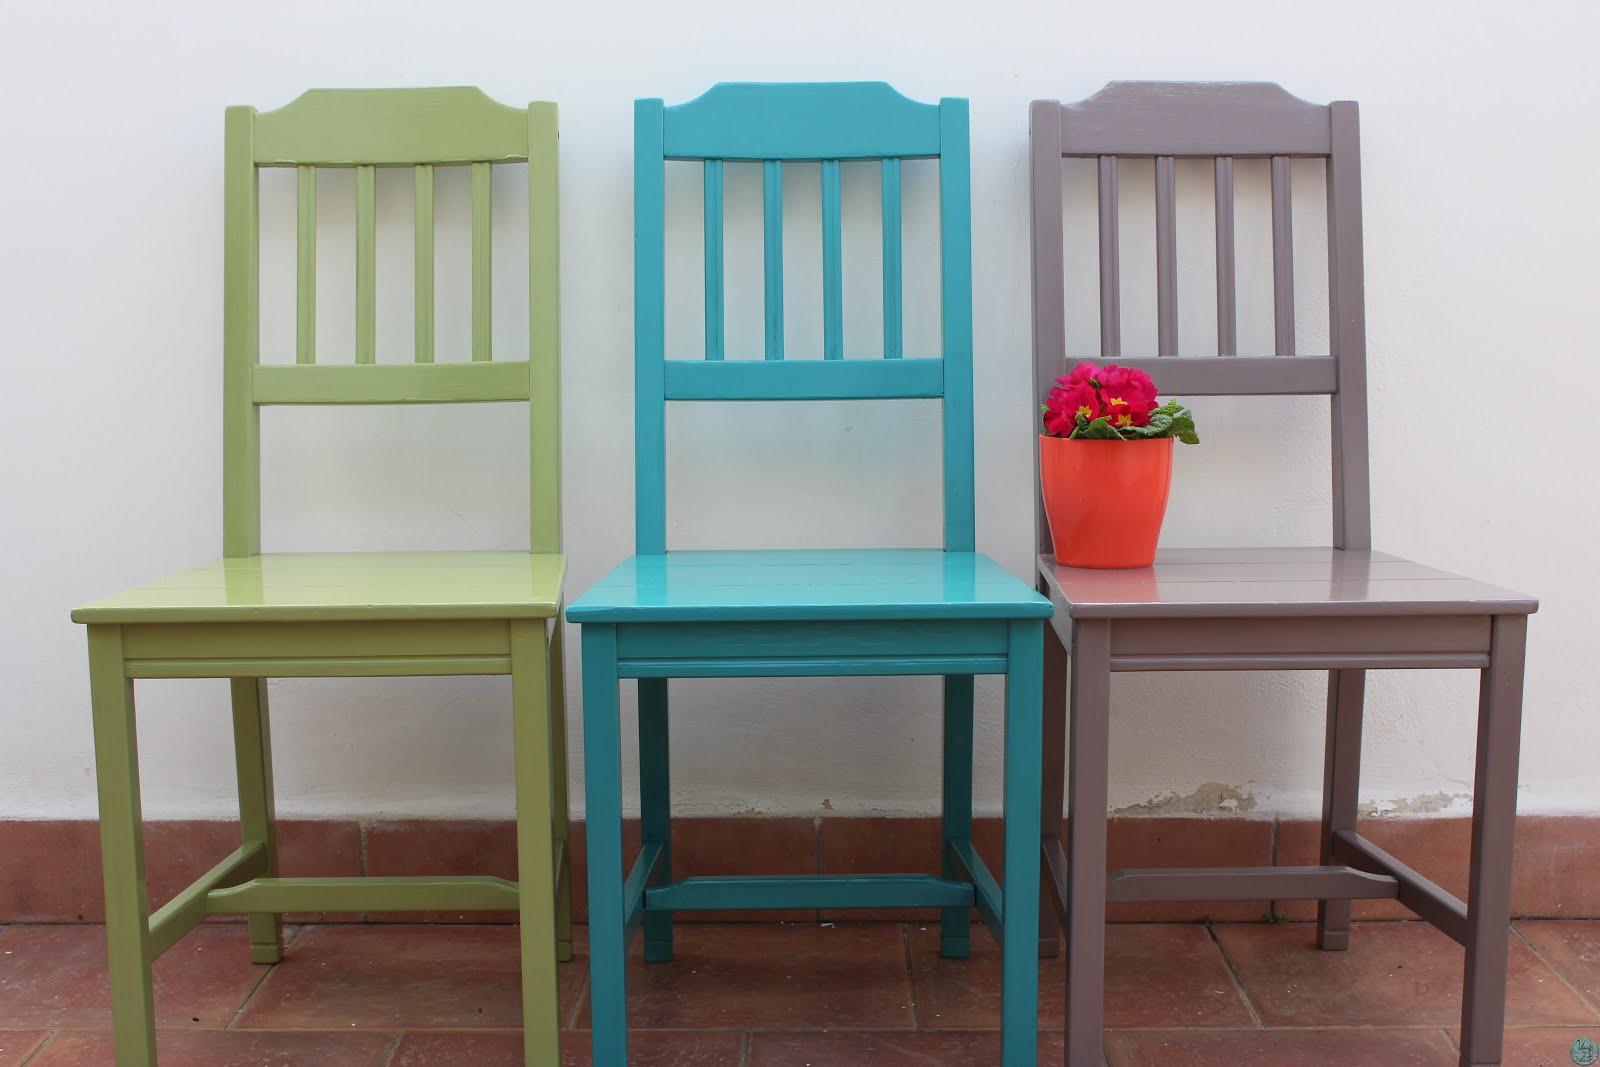 Amato Rinnovare delle vecchie sedie | Usati e Rifatti FC13